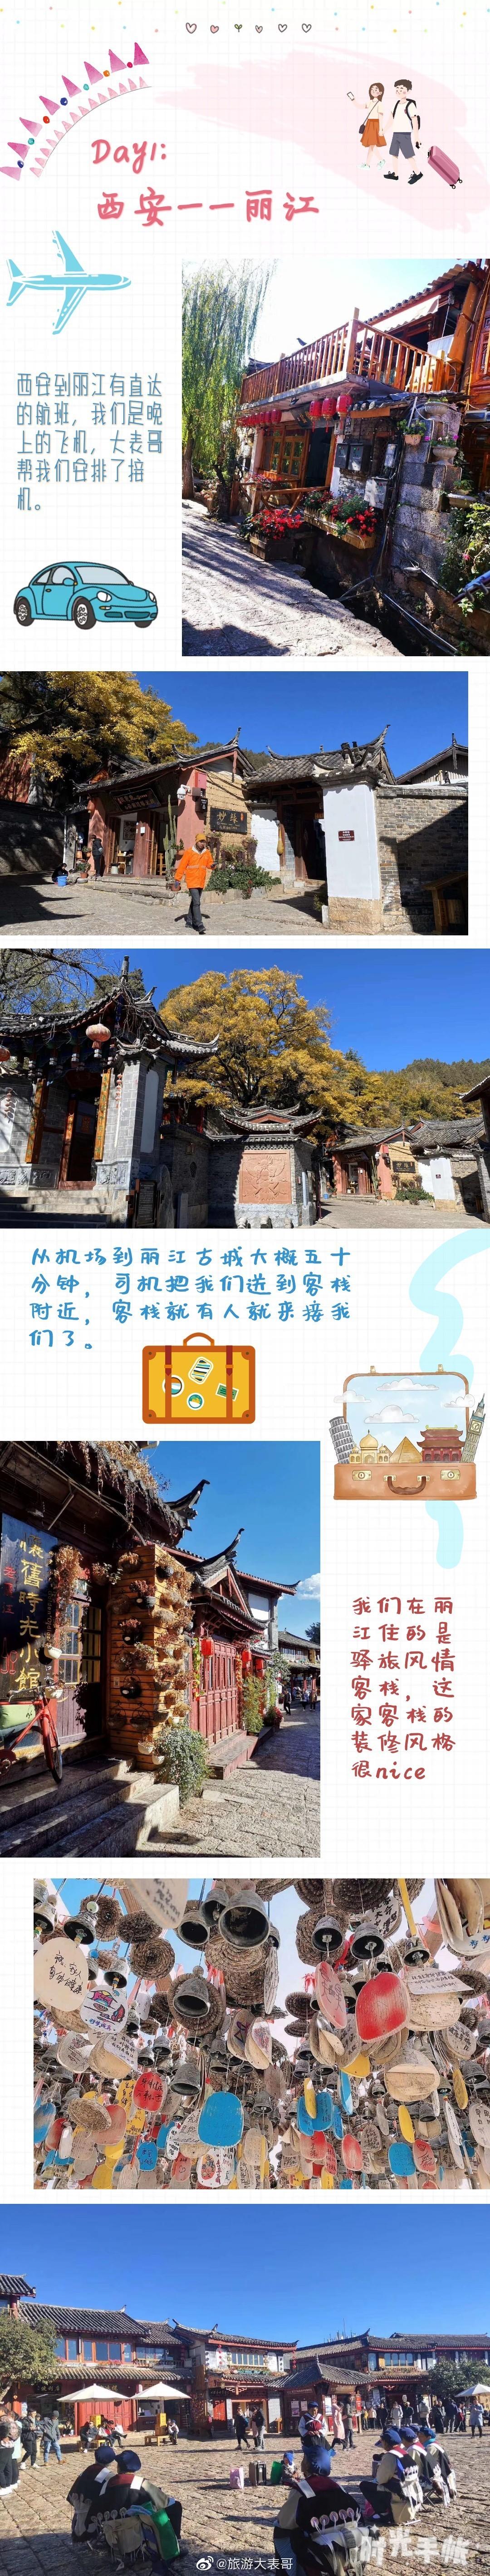 云南旅游攻略,丽江大理泸沽湖自由行